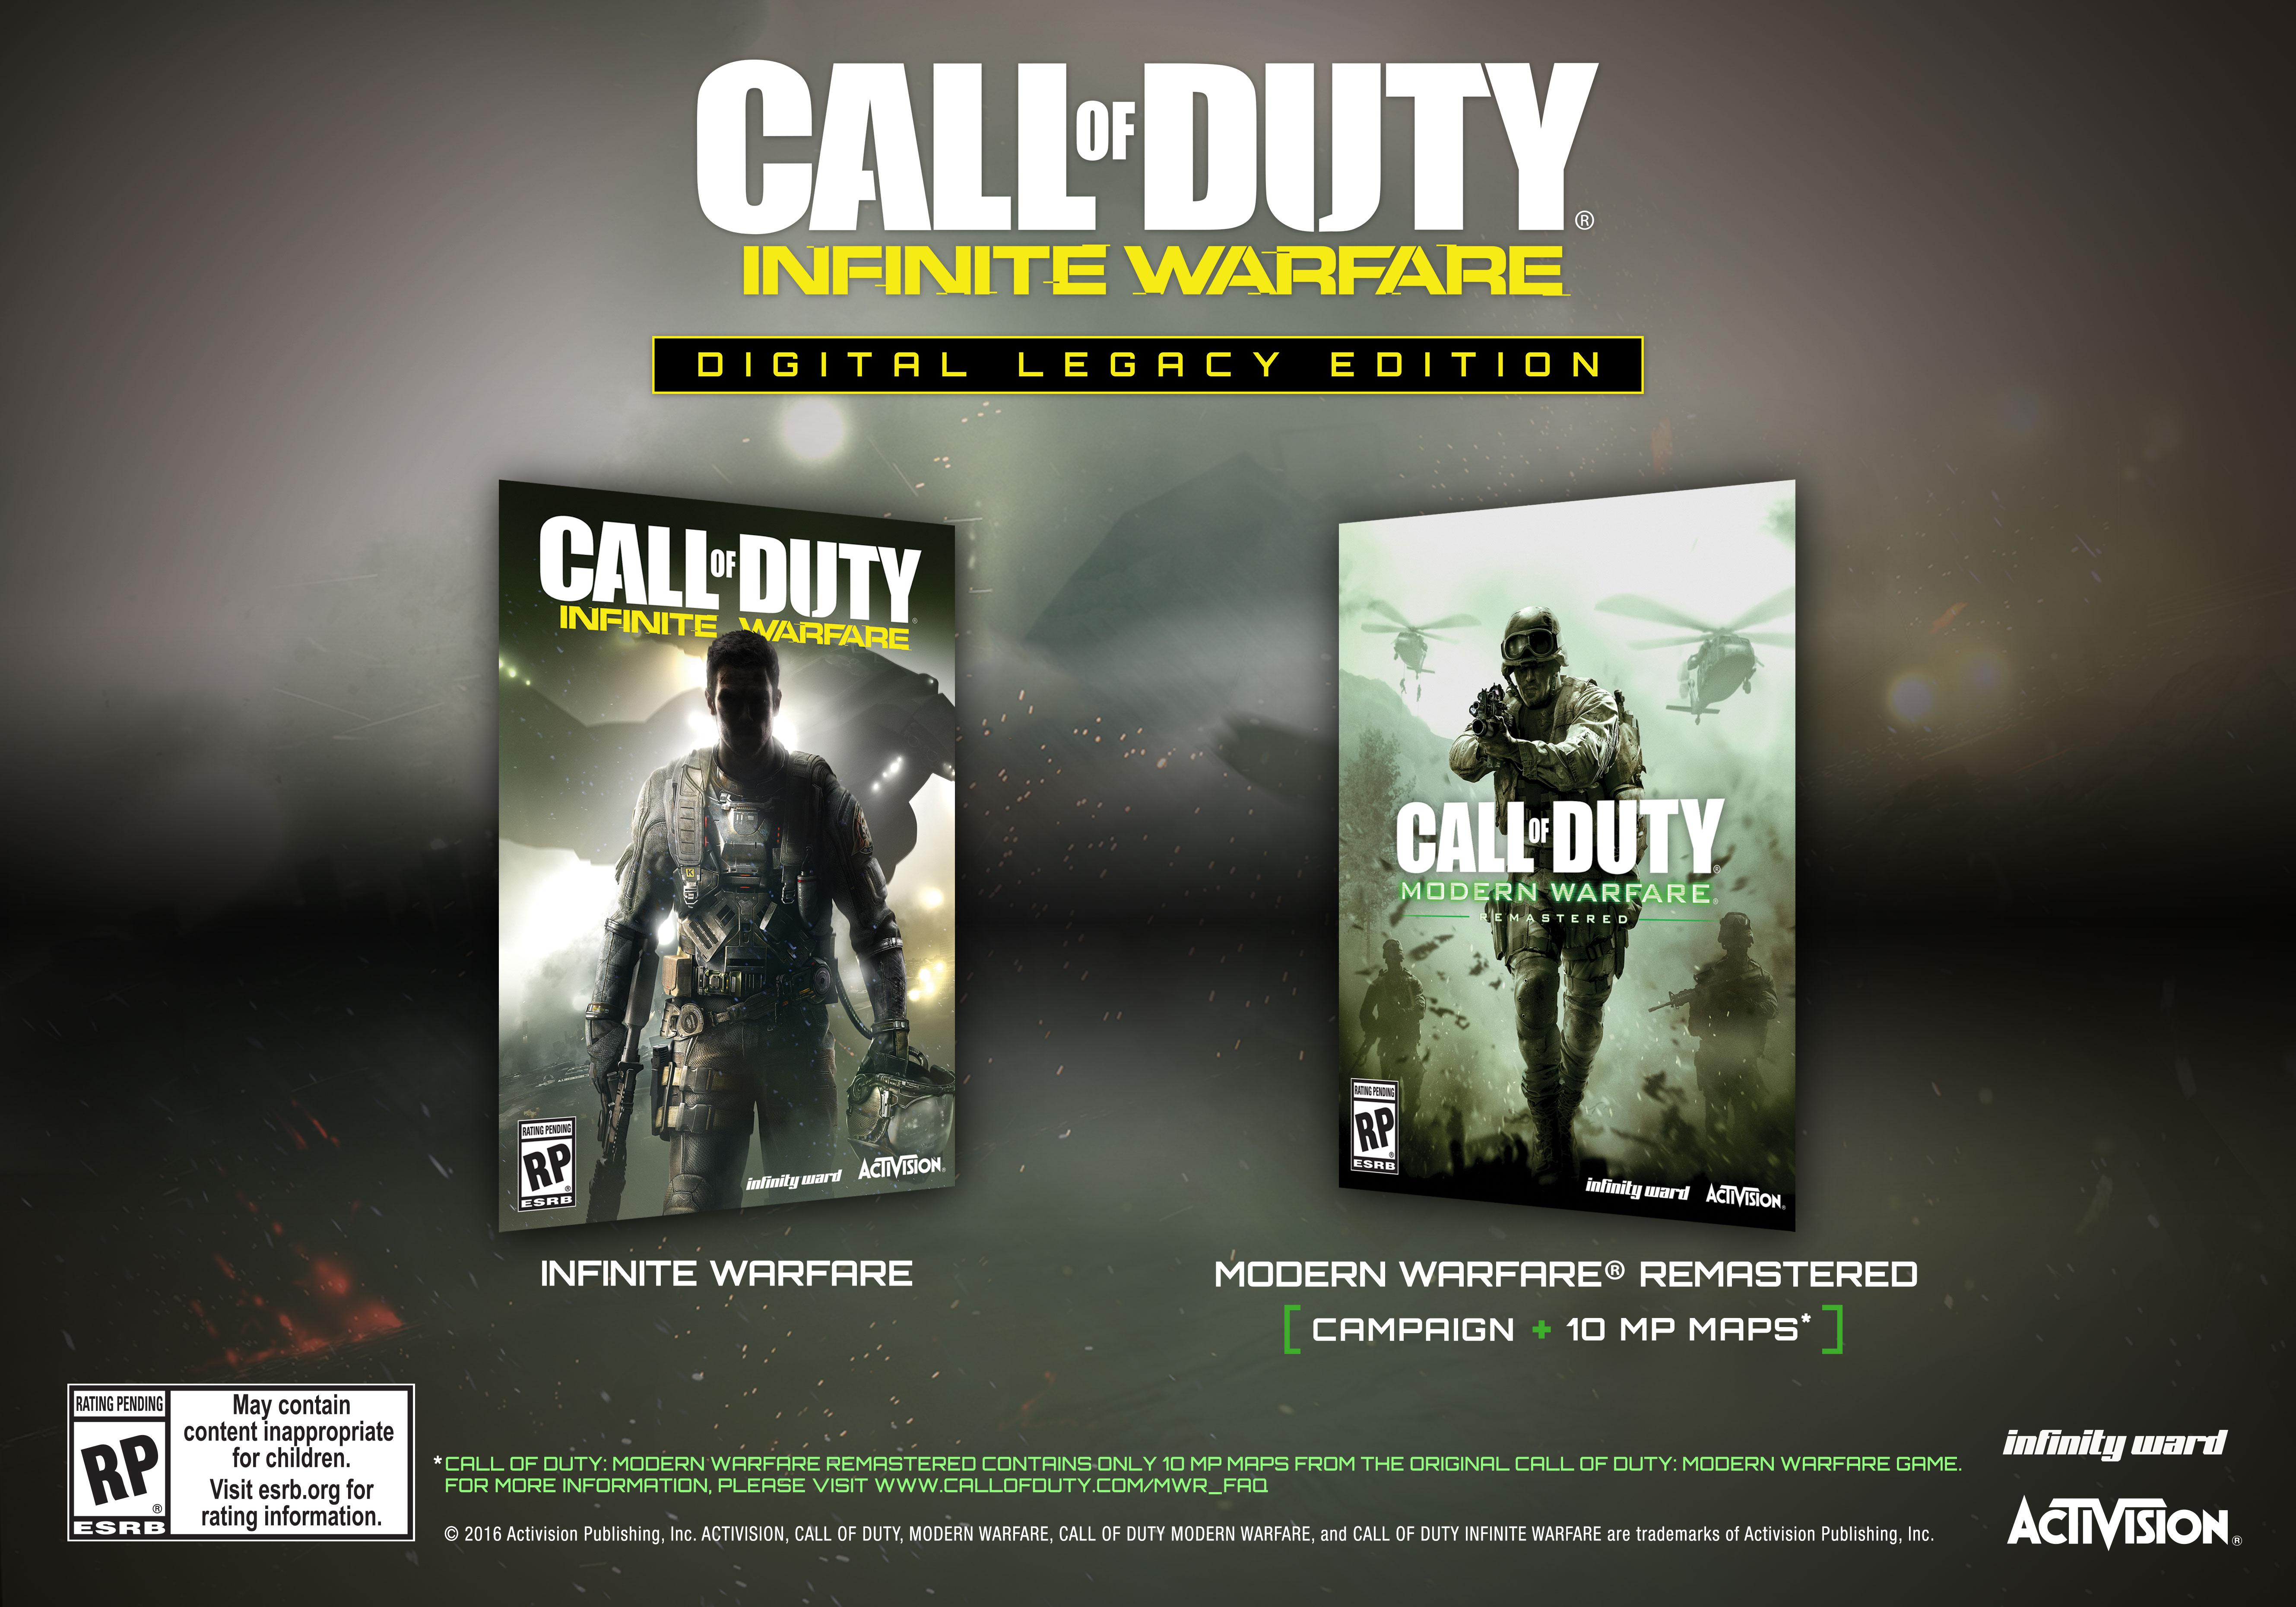 COD Infinite Warfare Digital Leg